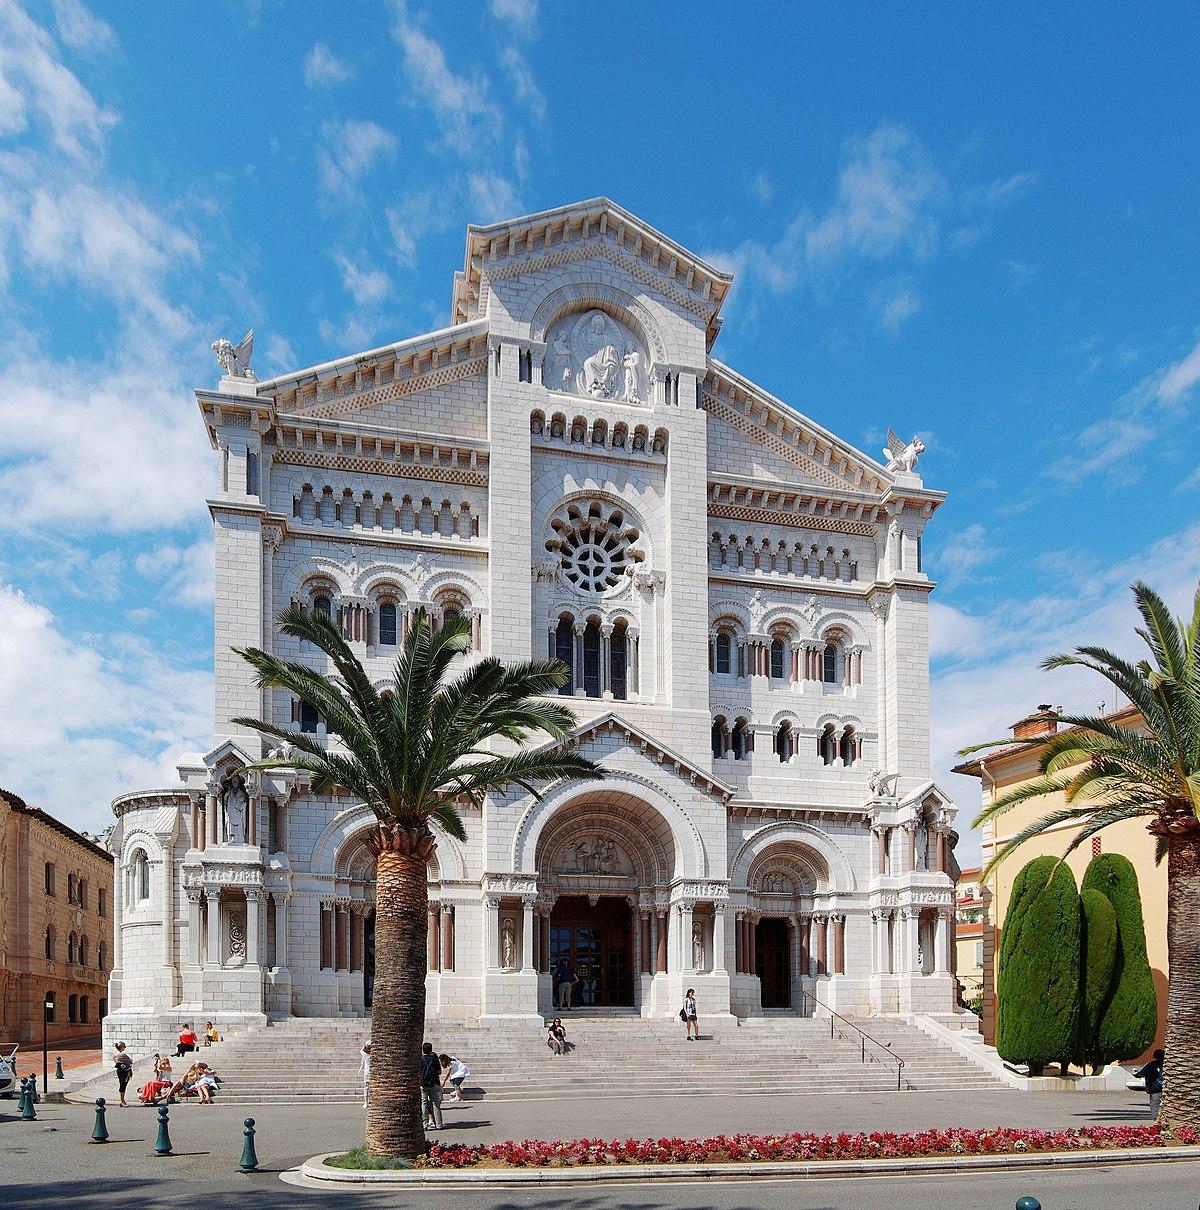 cattedrale dellimmacolata concezione monaco wikipedia